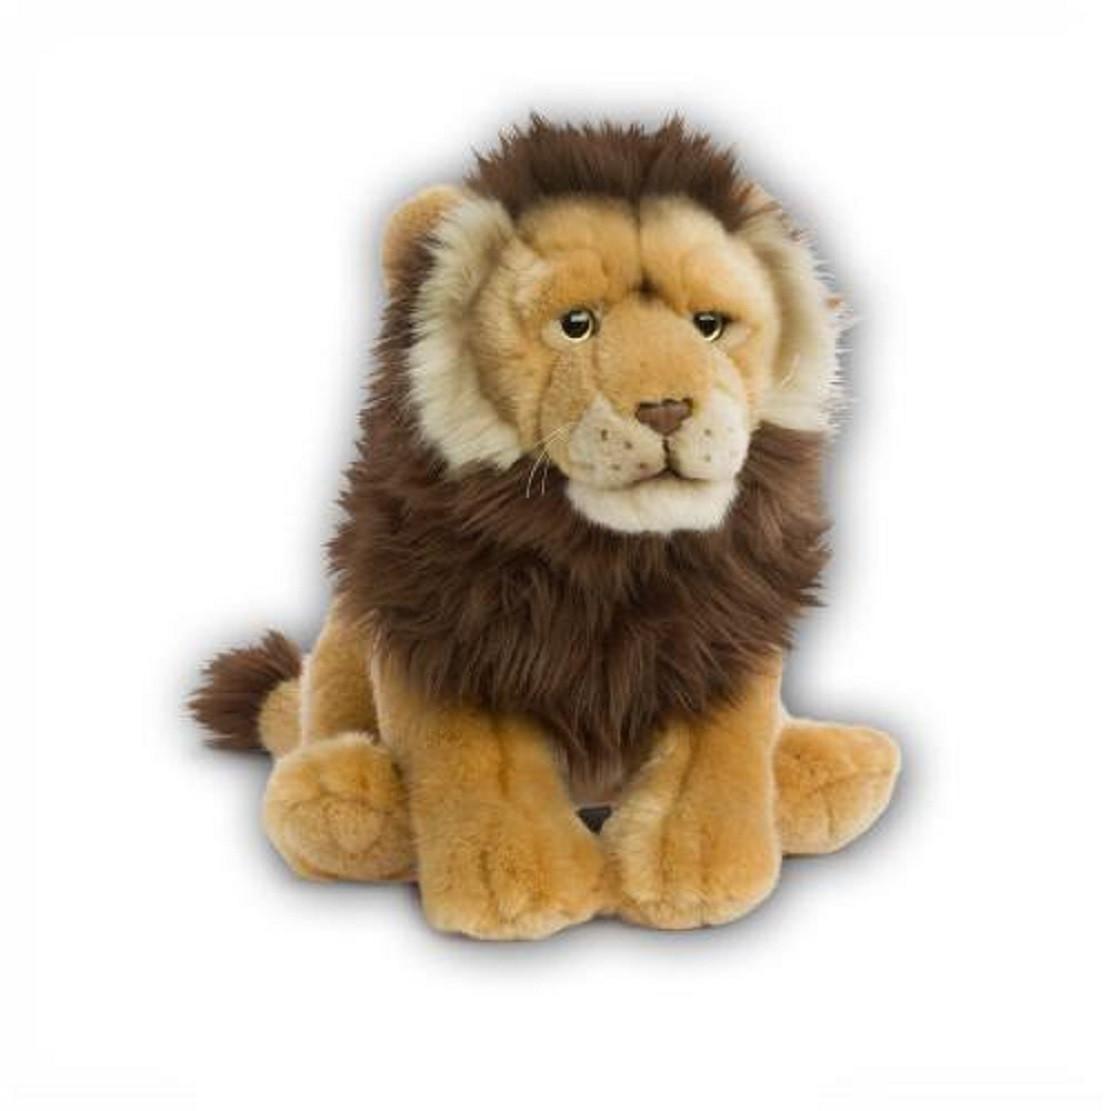 leone peluche  Peluche Leone Seduto 30 Cm Peluches WWF PS 09754 Pelusciamo Store ...